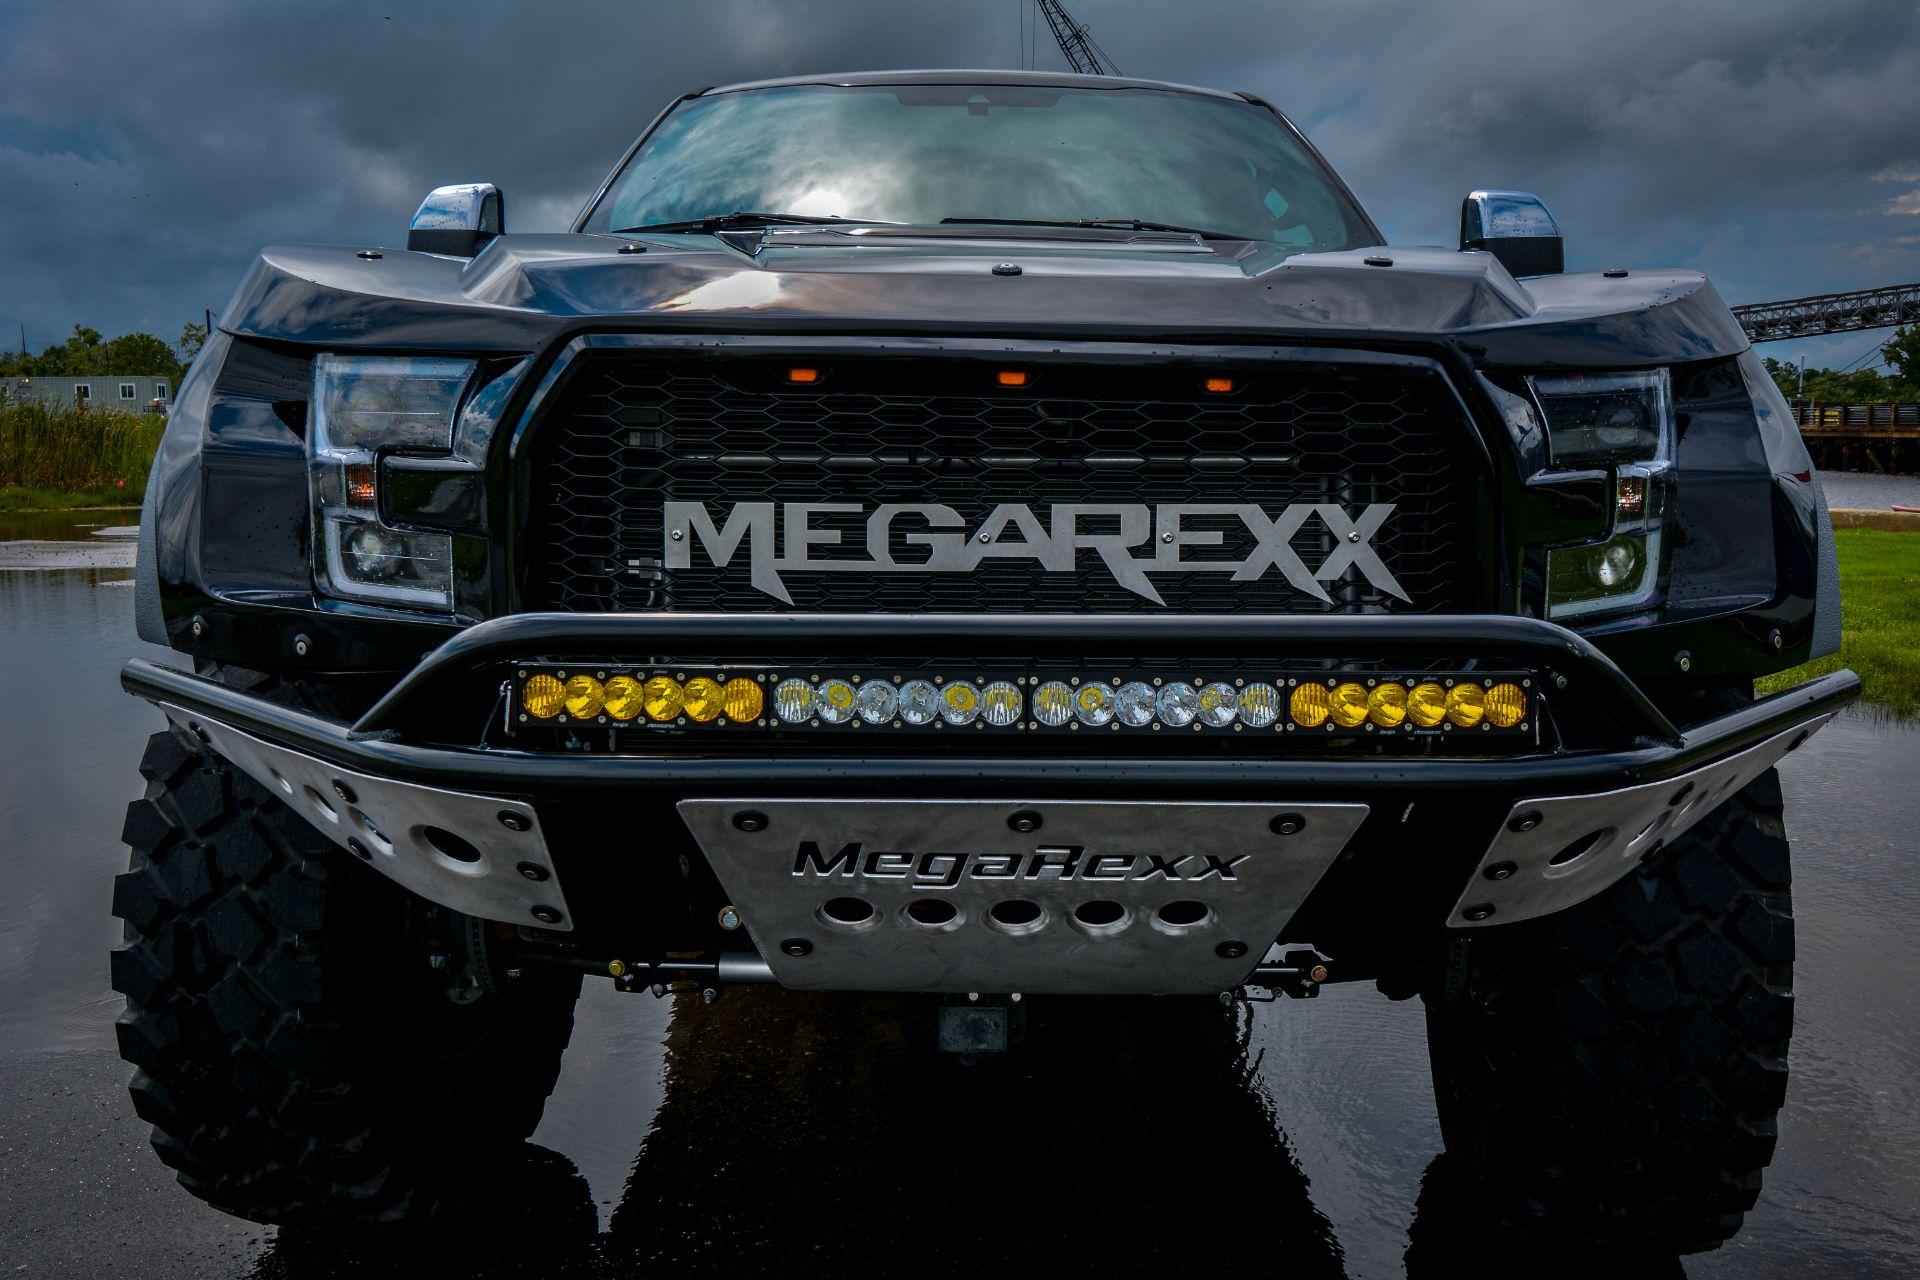 MegaRaptor-by-Megarexx-Trucks-11